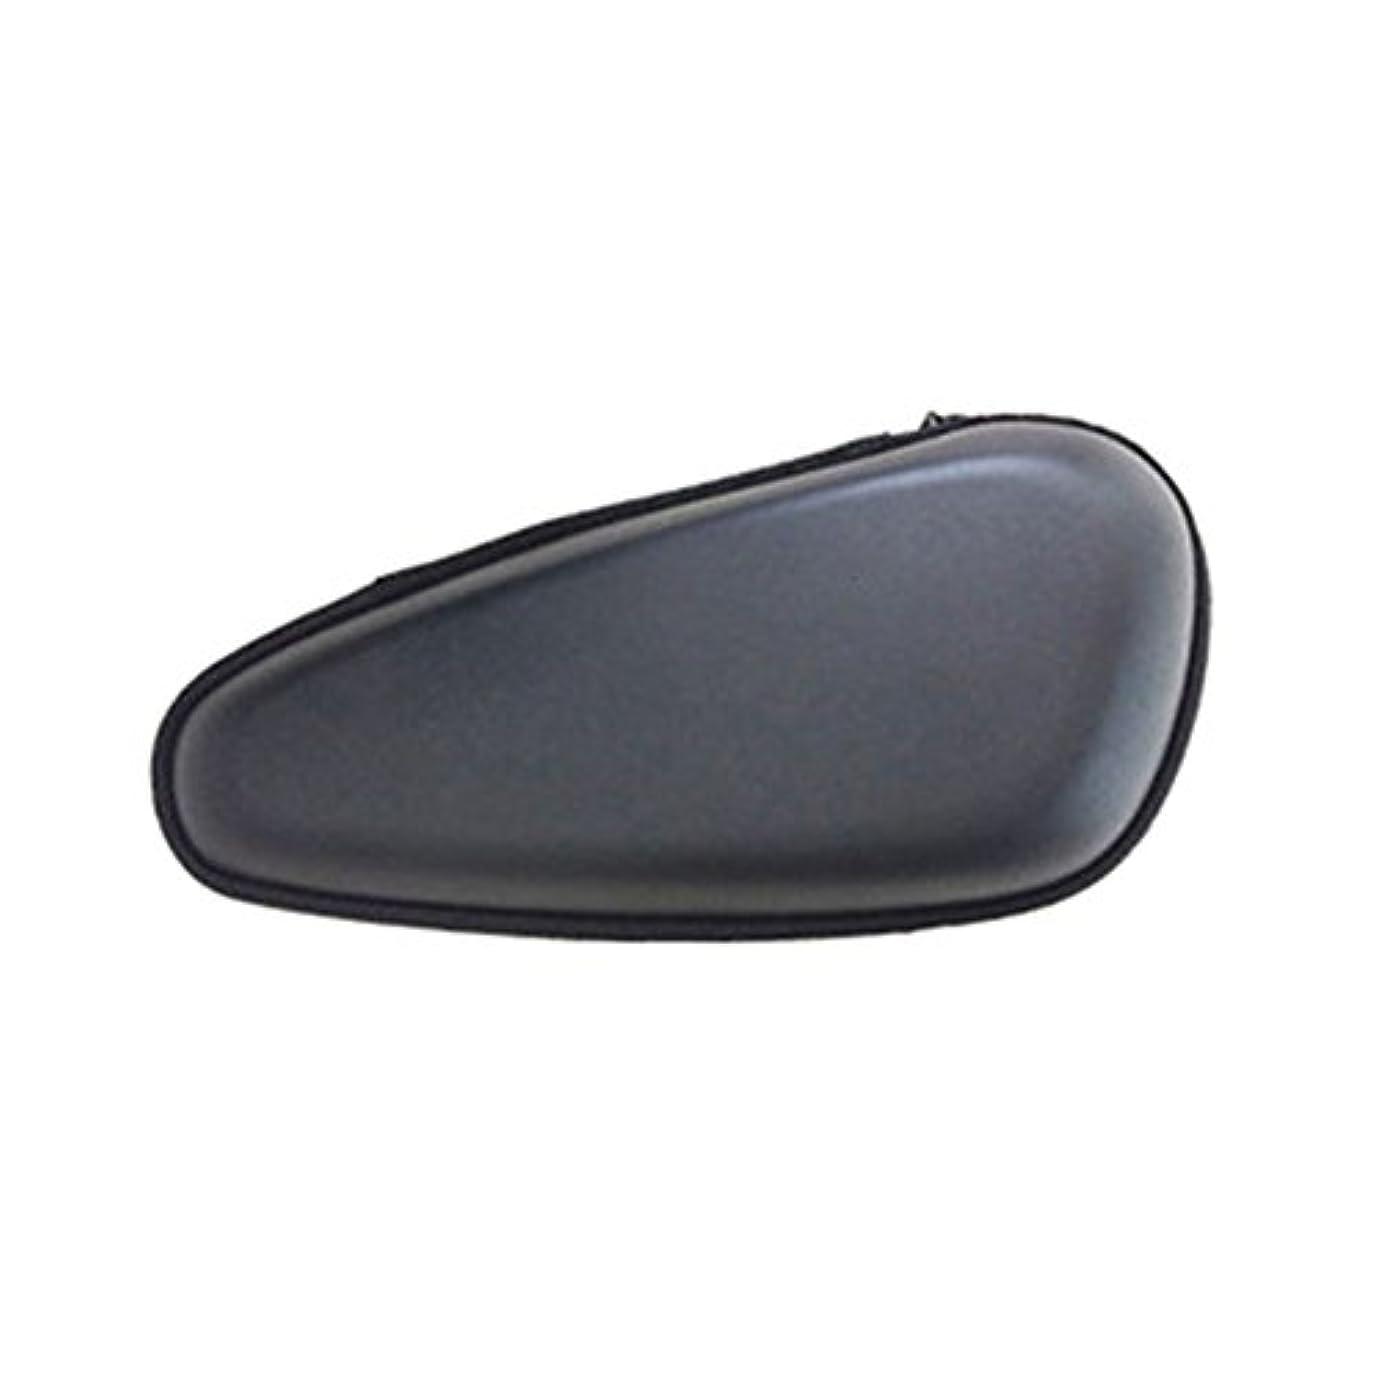 特定のベース遅滞HZjundasi Replacement シェーバートラベルケースバッグ for Philips HQ912/909/986/917/904/902